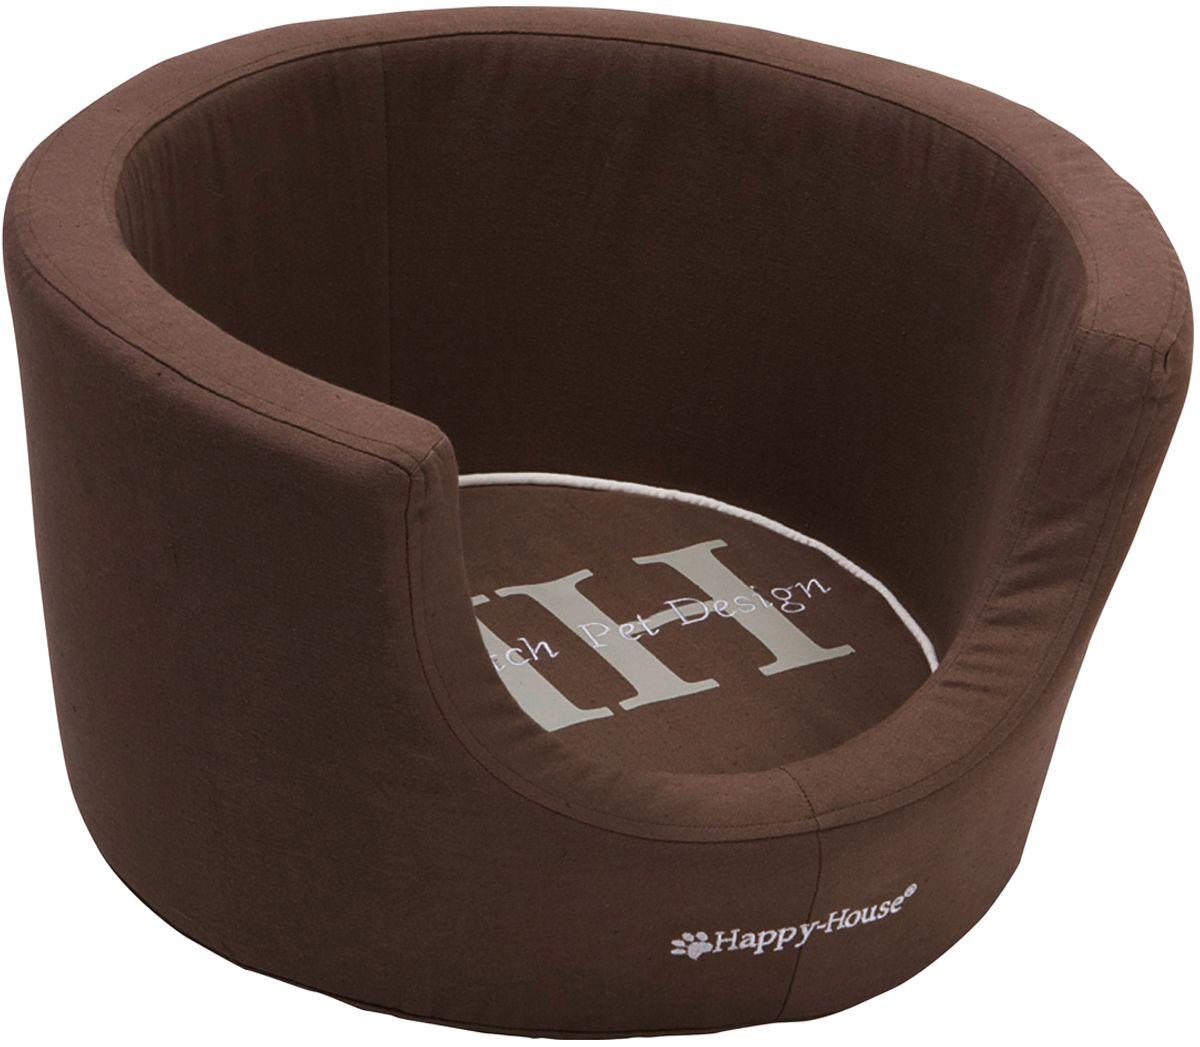 Лежак для животных Happy House Canvas Comfort, цвет: коричневый, 52 х 52 х 31 см поводок для собак happy house luxury цвет темно коричневый длина 125 см